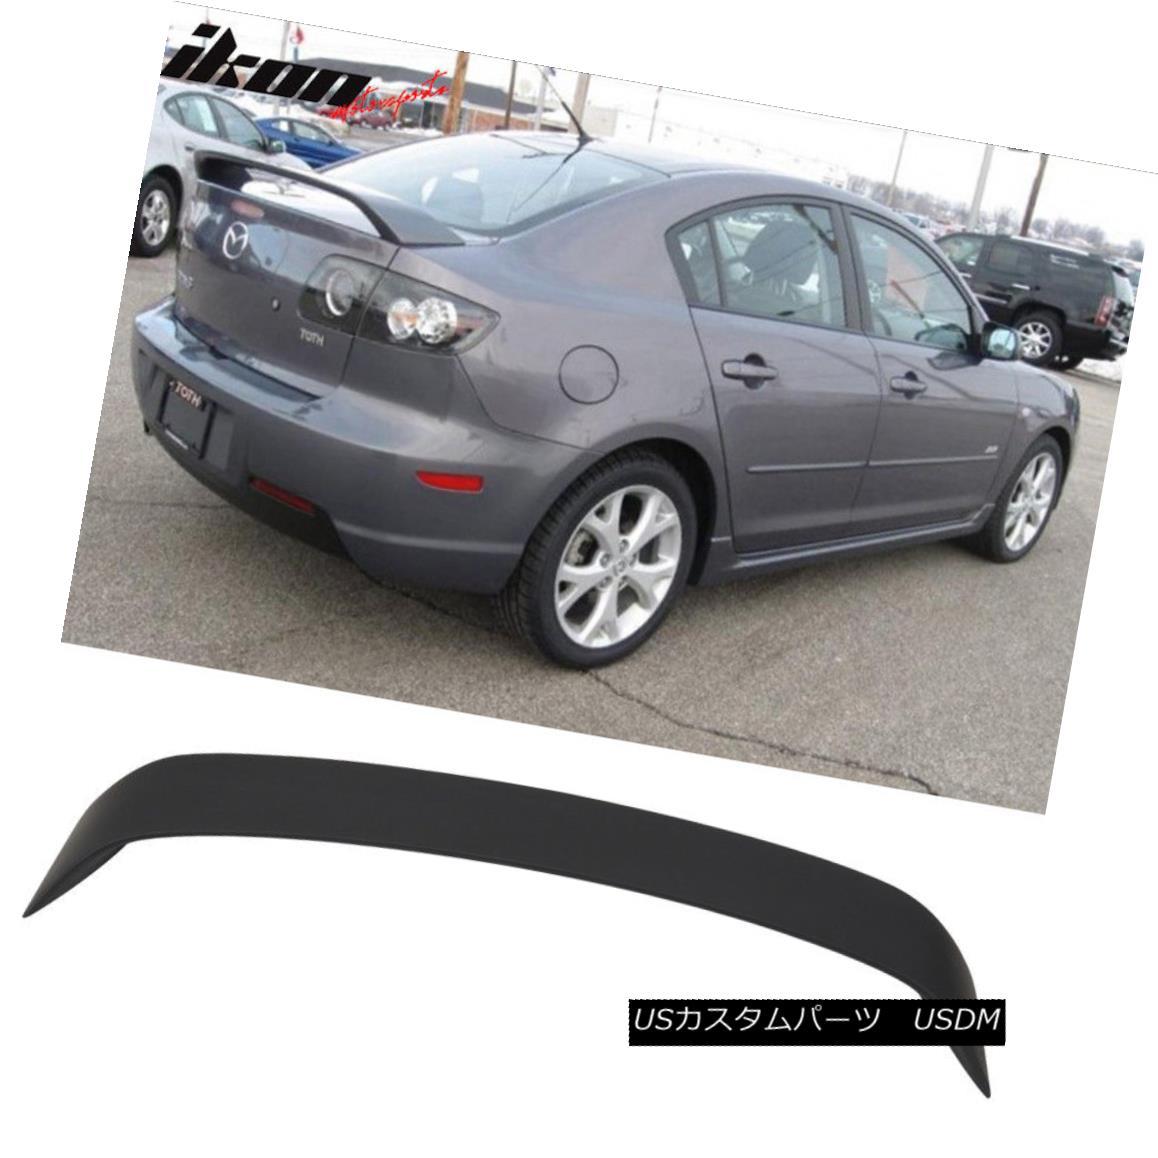 エアロパーツ Fits 03-09 Mazda 3 Mazda3 4Door Sedan Trunk Spoiler Wing Primer Matte Black ABS フィット03-09マツダ3マツダ3 4DoorセダントランクスポイラーウイングプライマーマットブラックABS